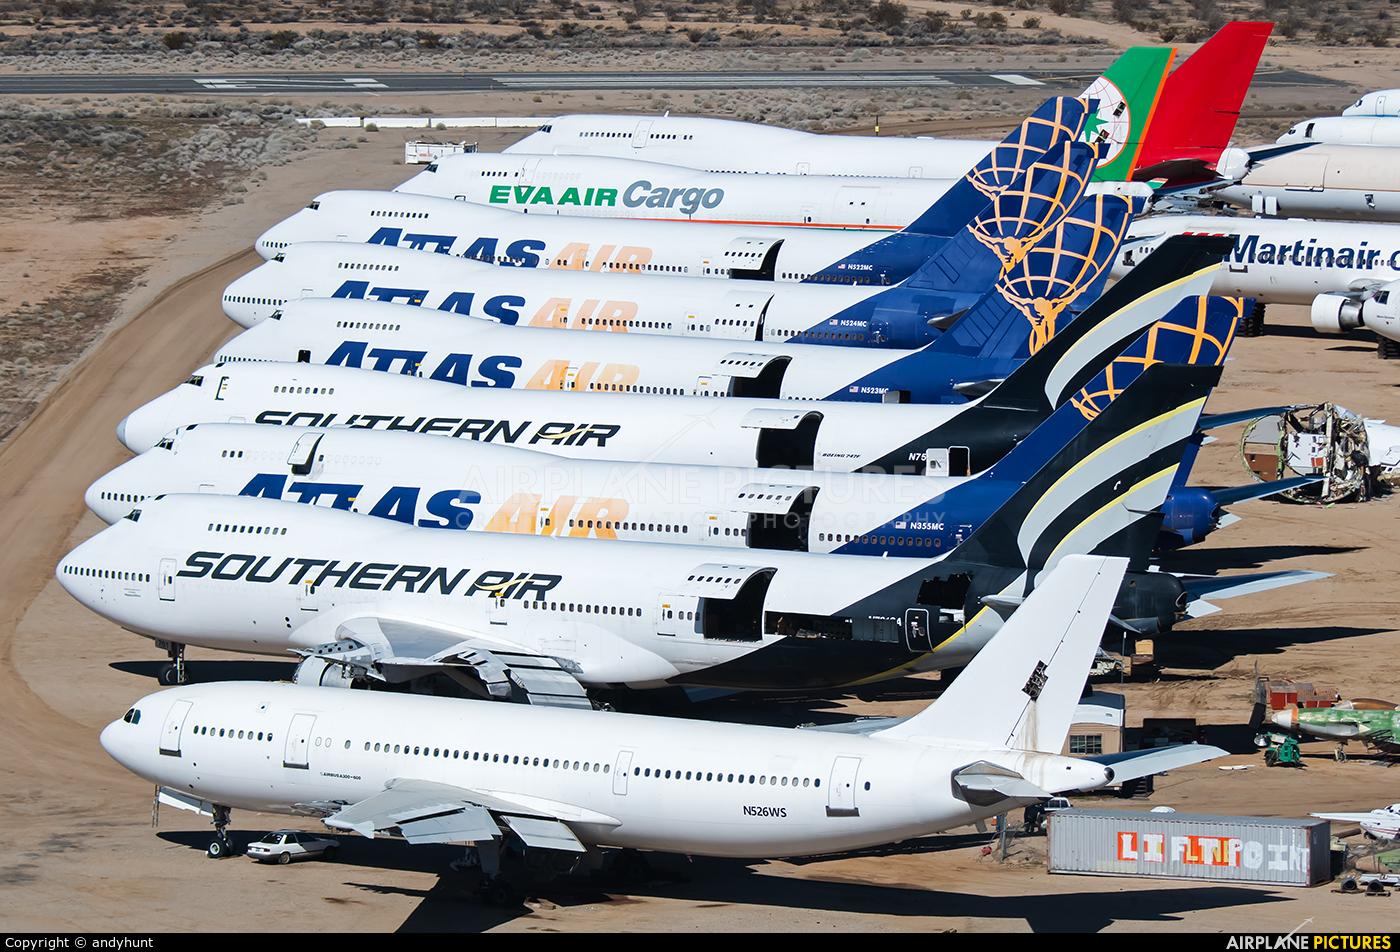 Untitled N526WS aircraft at Mojave